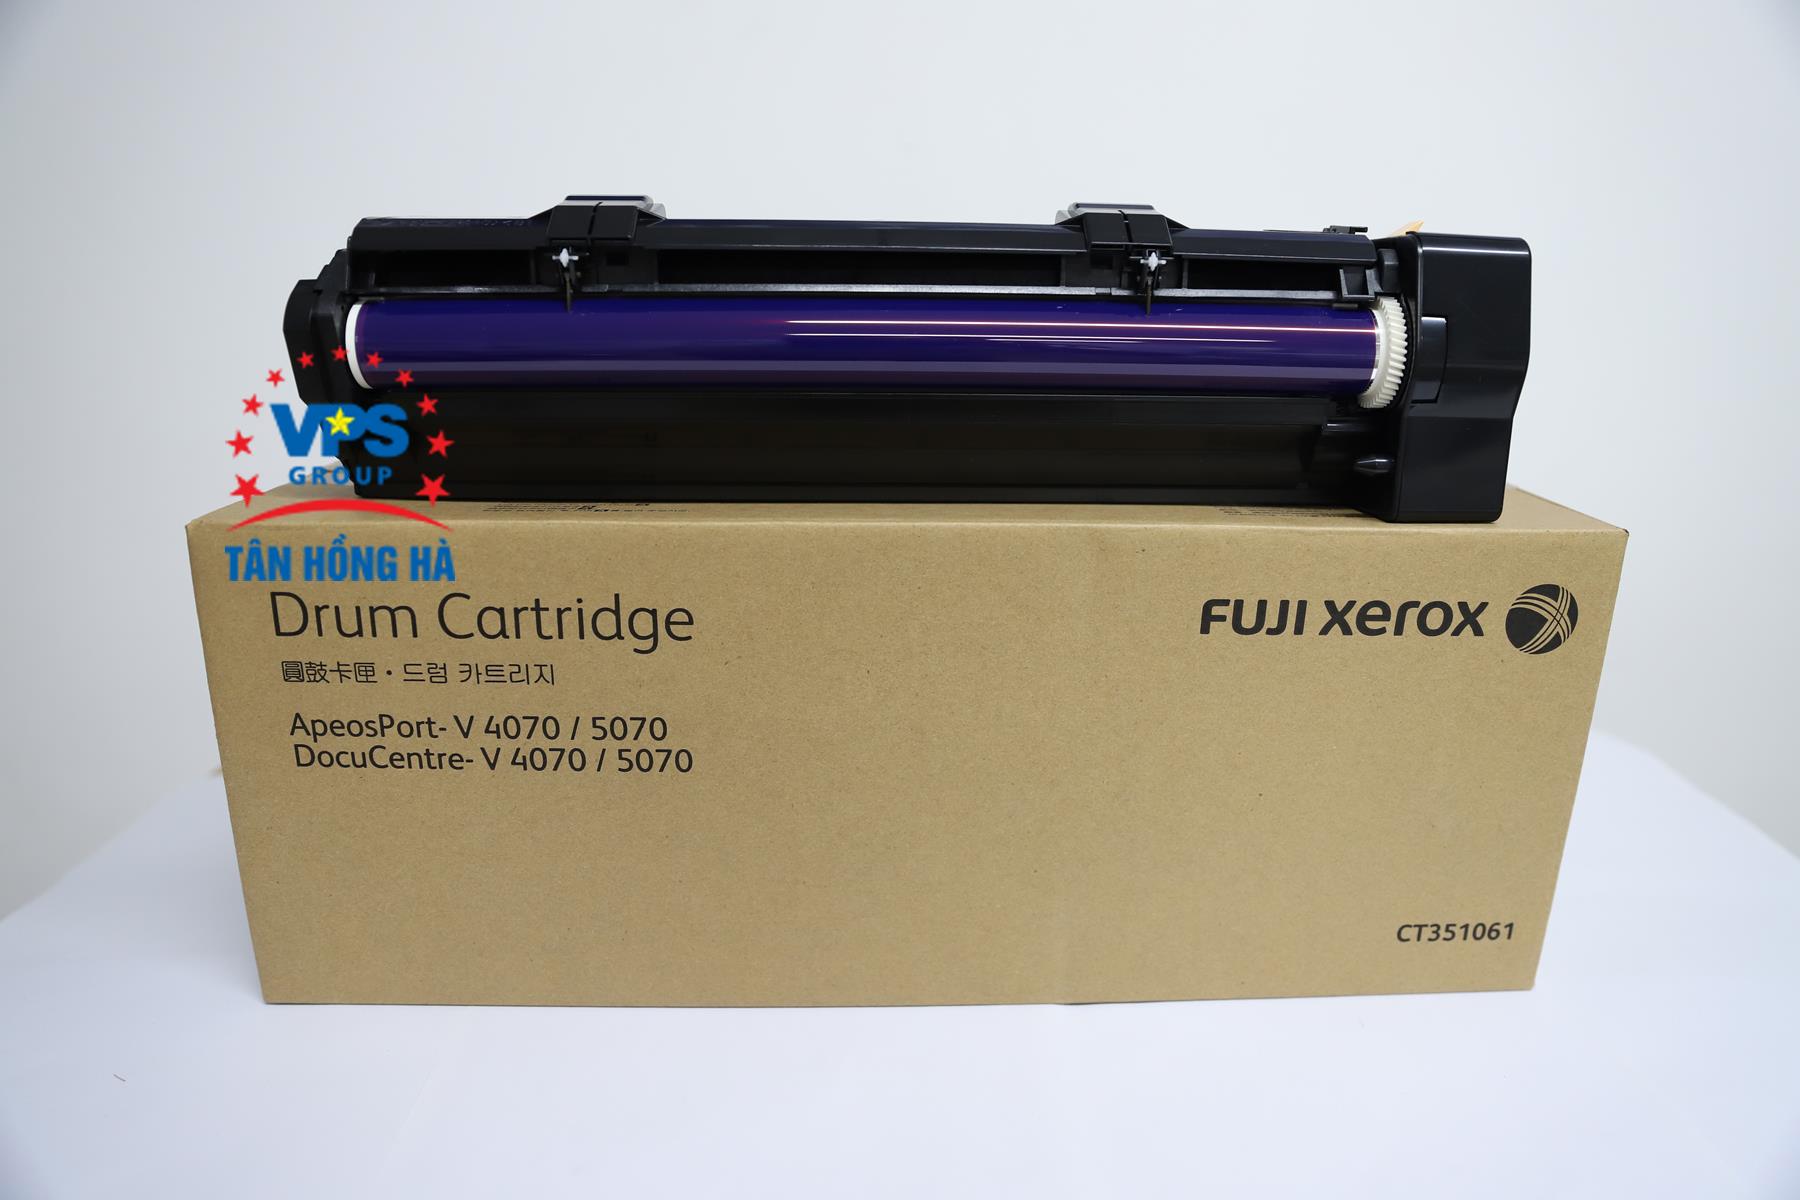 cum-trong-fuji-xerox-dc-v-4070-5070-ct351061